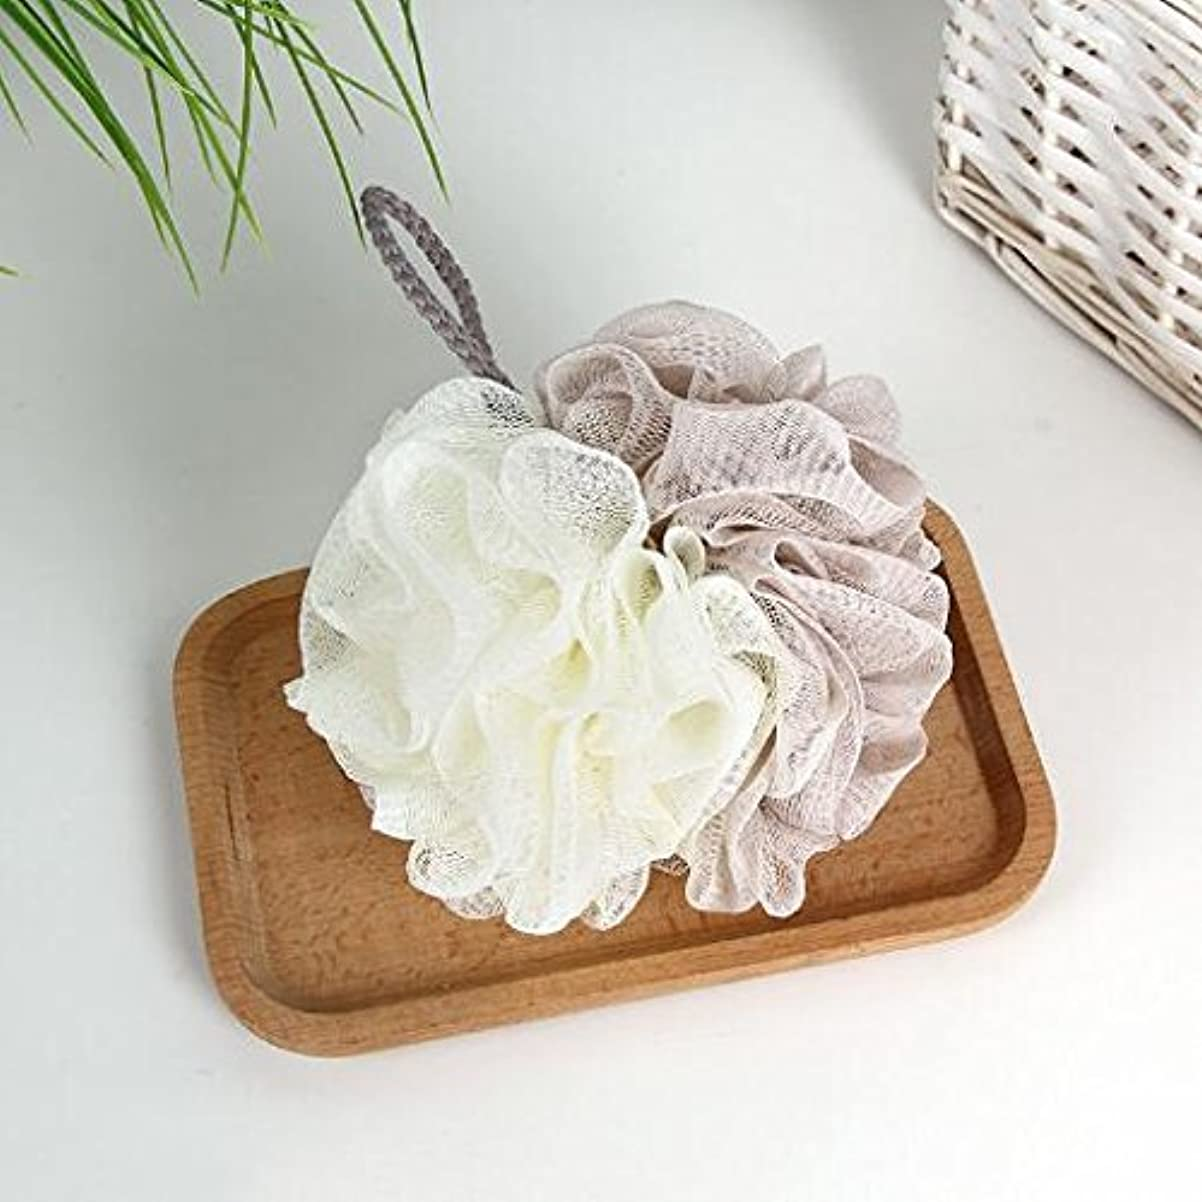 家具帳面考古学的な[Chinryou] 泡立てネット ボディースポンジ 柔らかい 花形 お風呂用 ボールボディ用 シャボンボール 背中も洗える 泡肌美人 ふわわん (アプリコット)